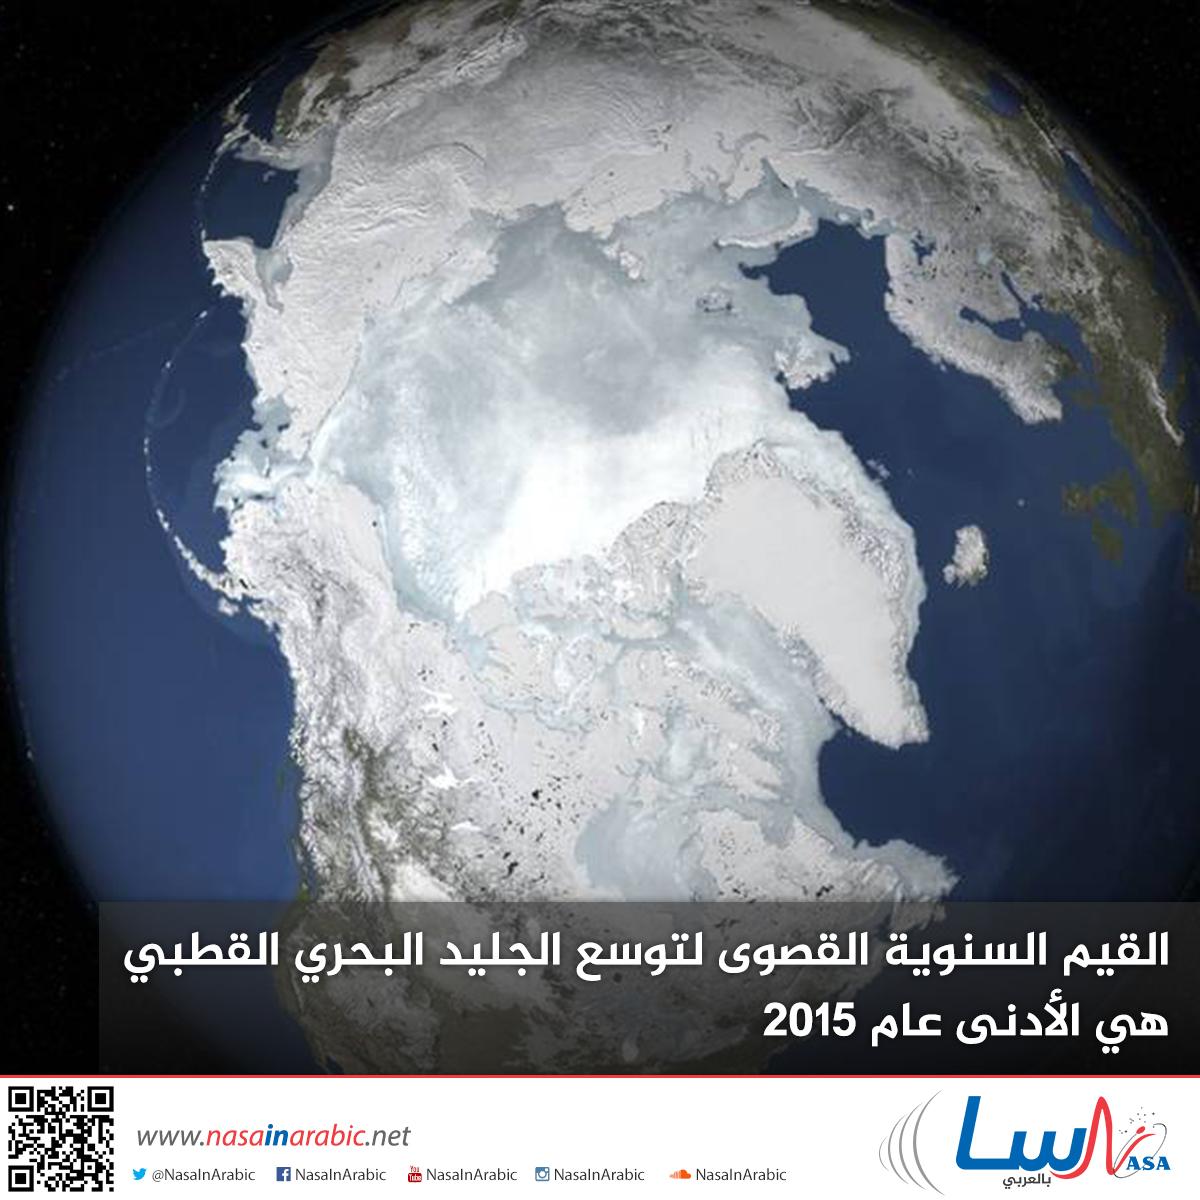 القيم السنوية القصوى لتوسع الجليد البحري القطبي هي الأدنى عام 2015